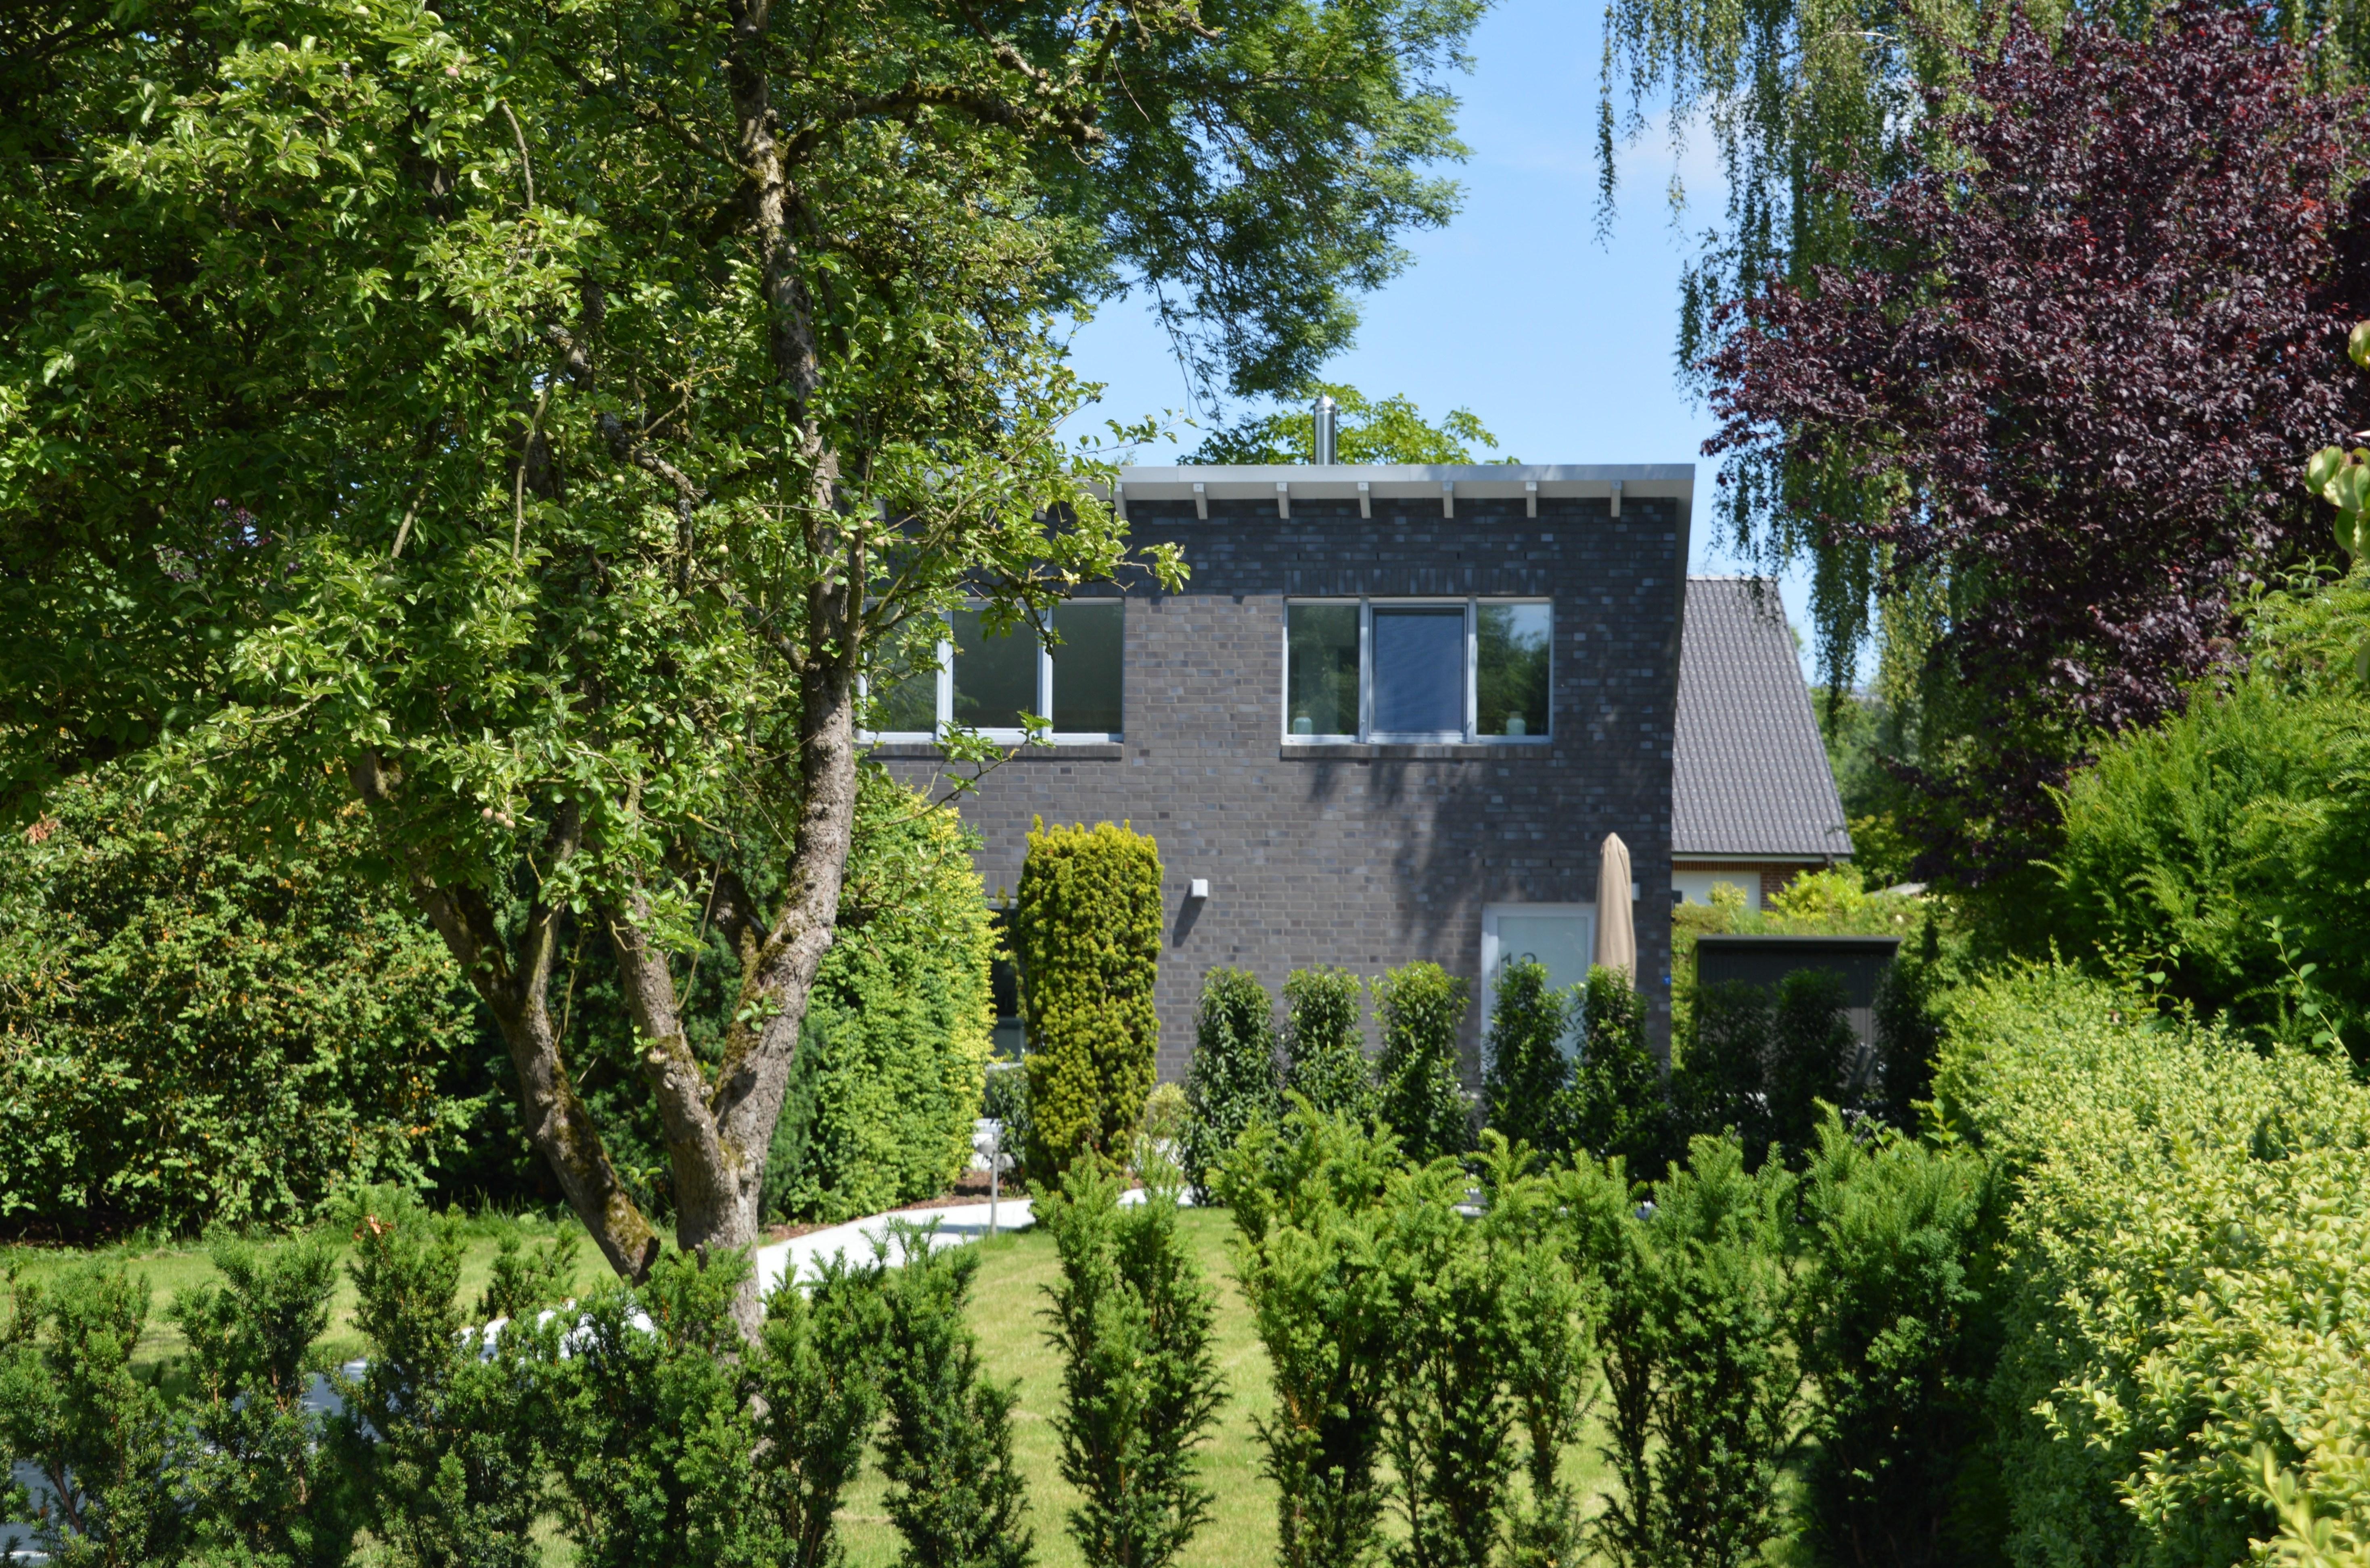 ferienhaus aldenburg urlaub an der nordseek ste in friesland in ostfriesland in wilhelmshaven. Black Bedroom Furniture Sets. Home Design Ideas